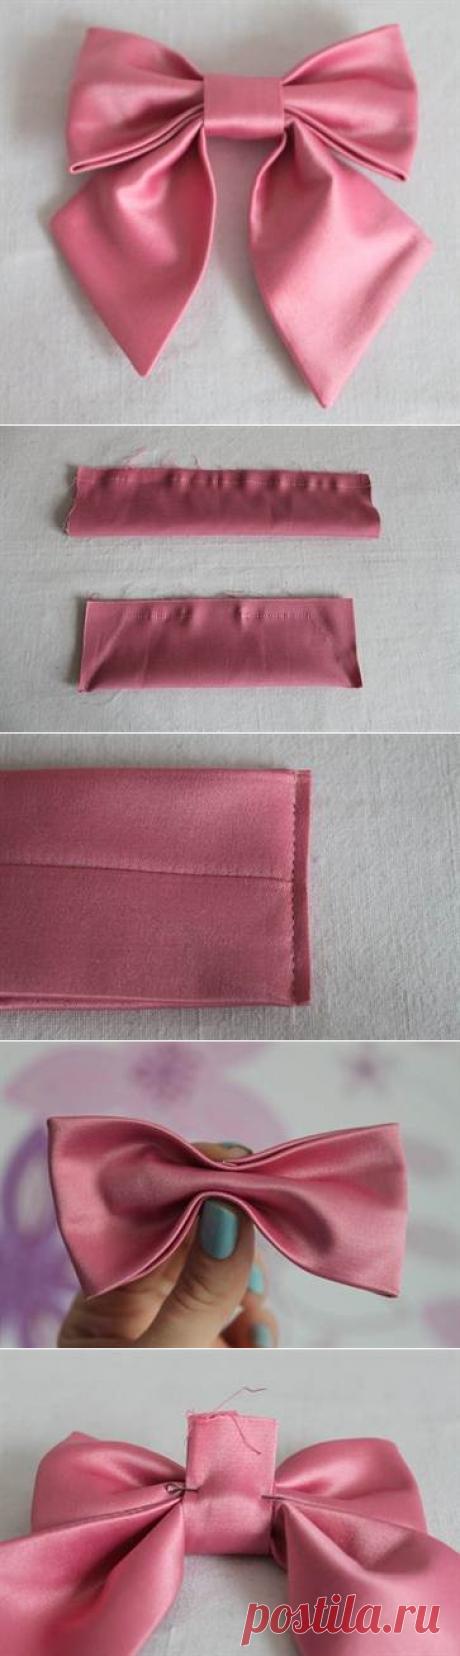 Как сделать бантик из ткани своими руками на платье и для волос с видео